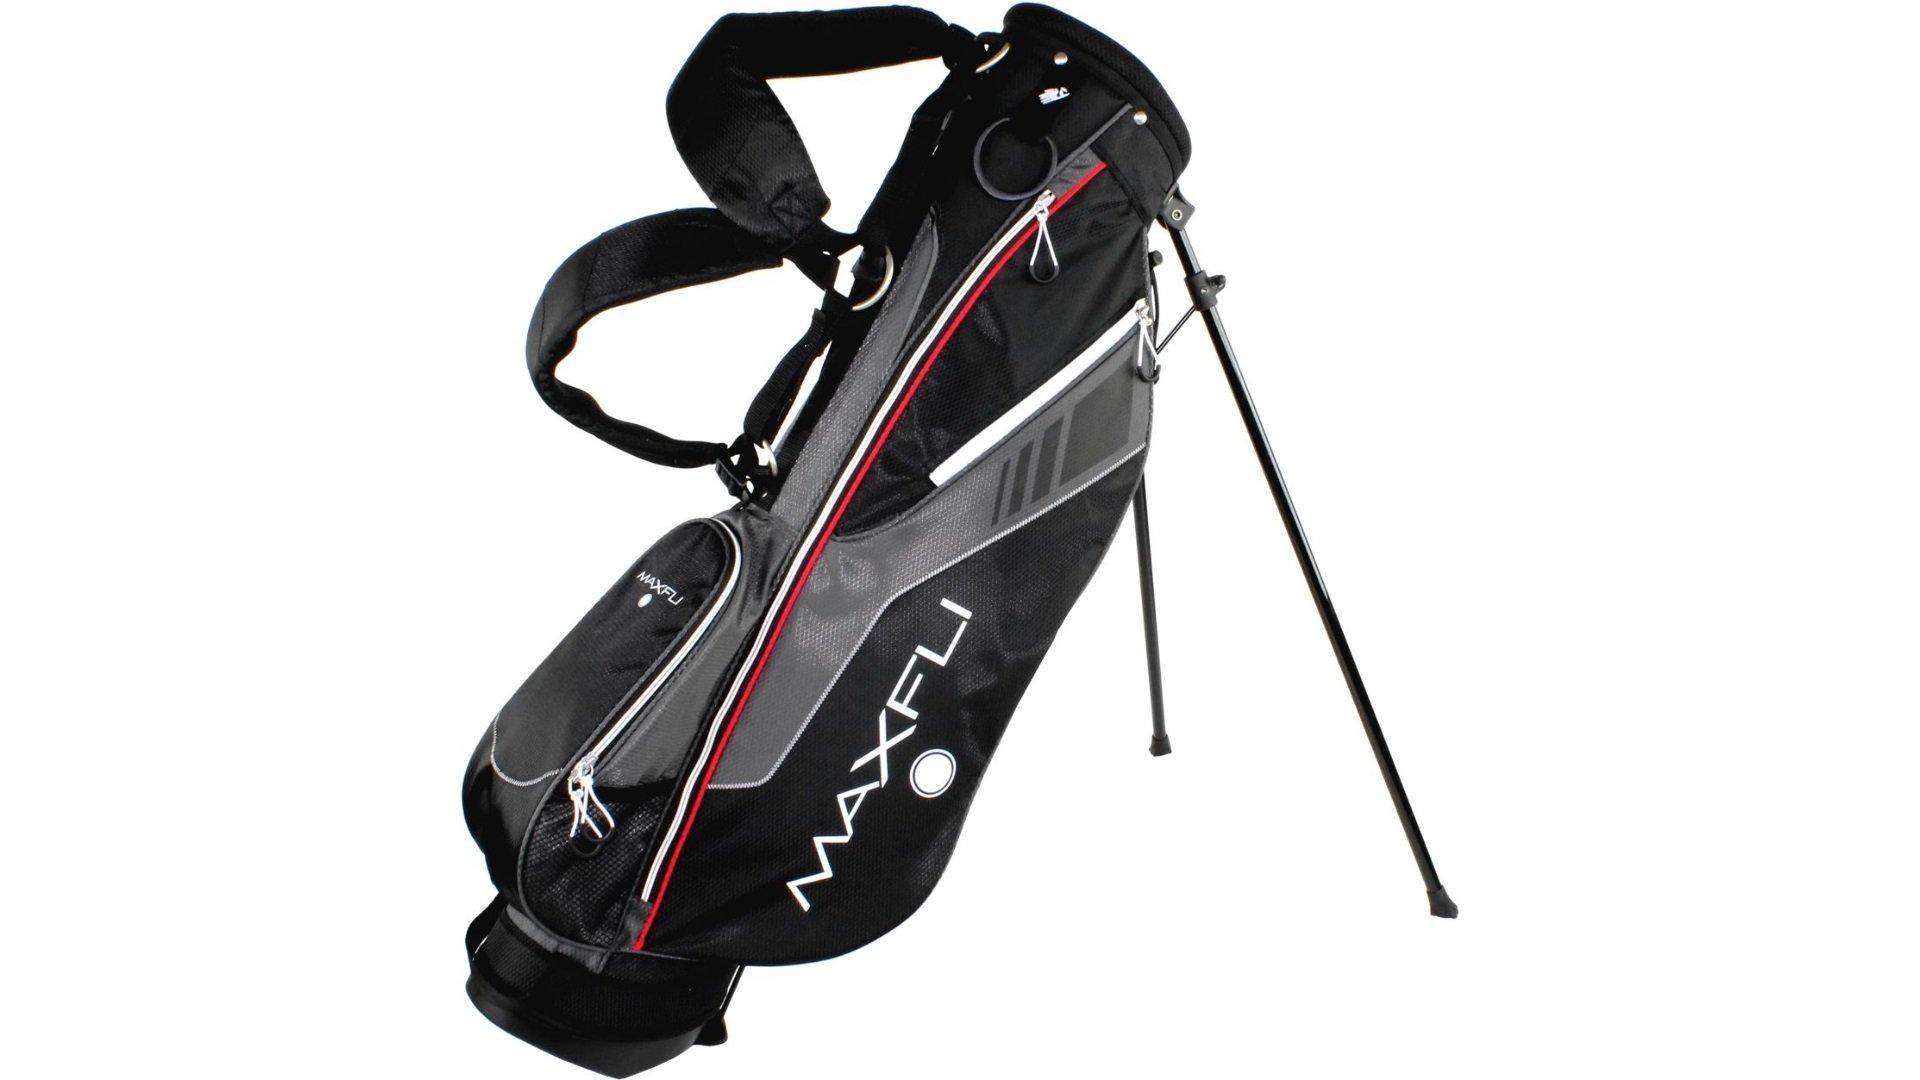 Maxfli Golf Club Sunday Stand Bag - Black/Grey